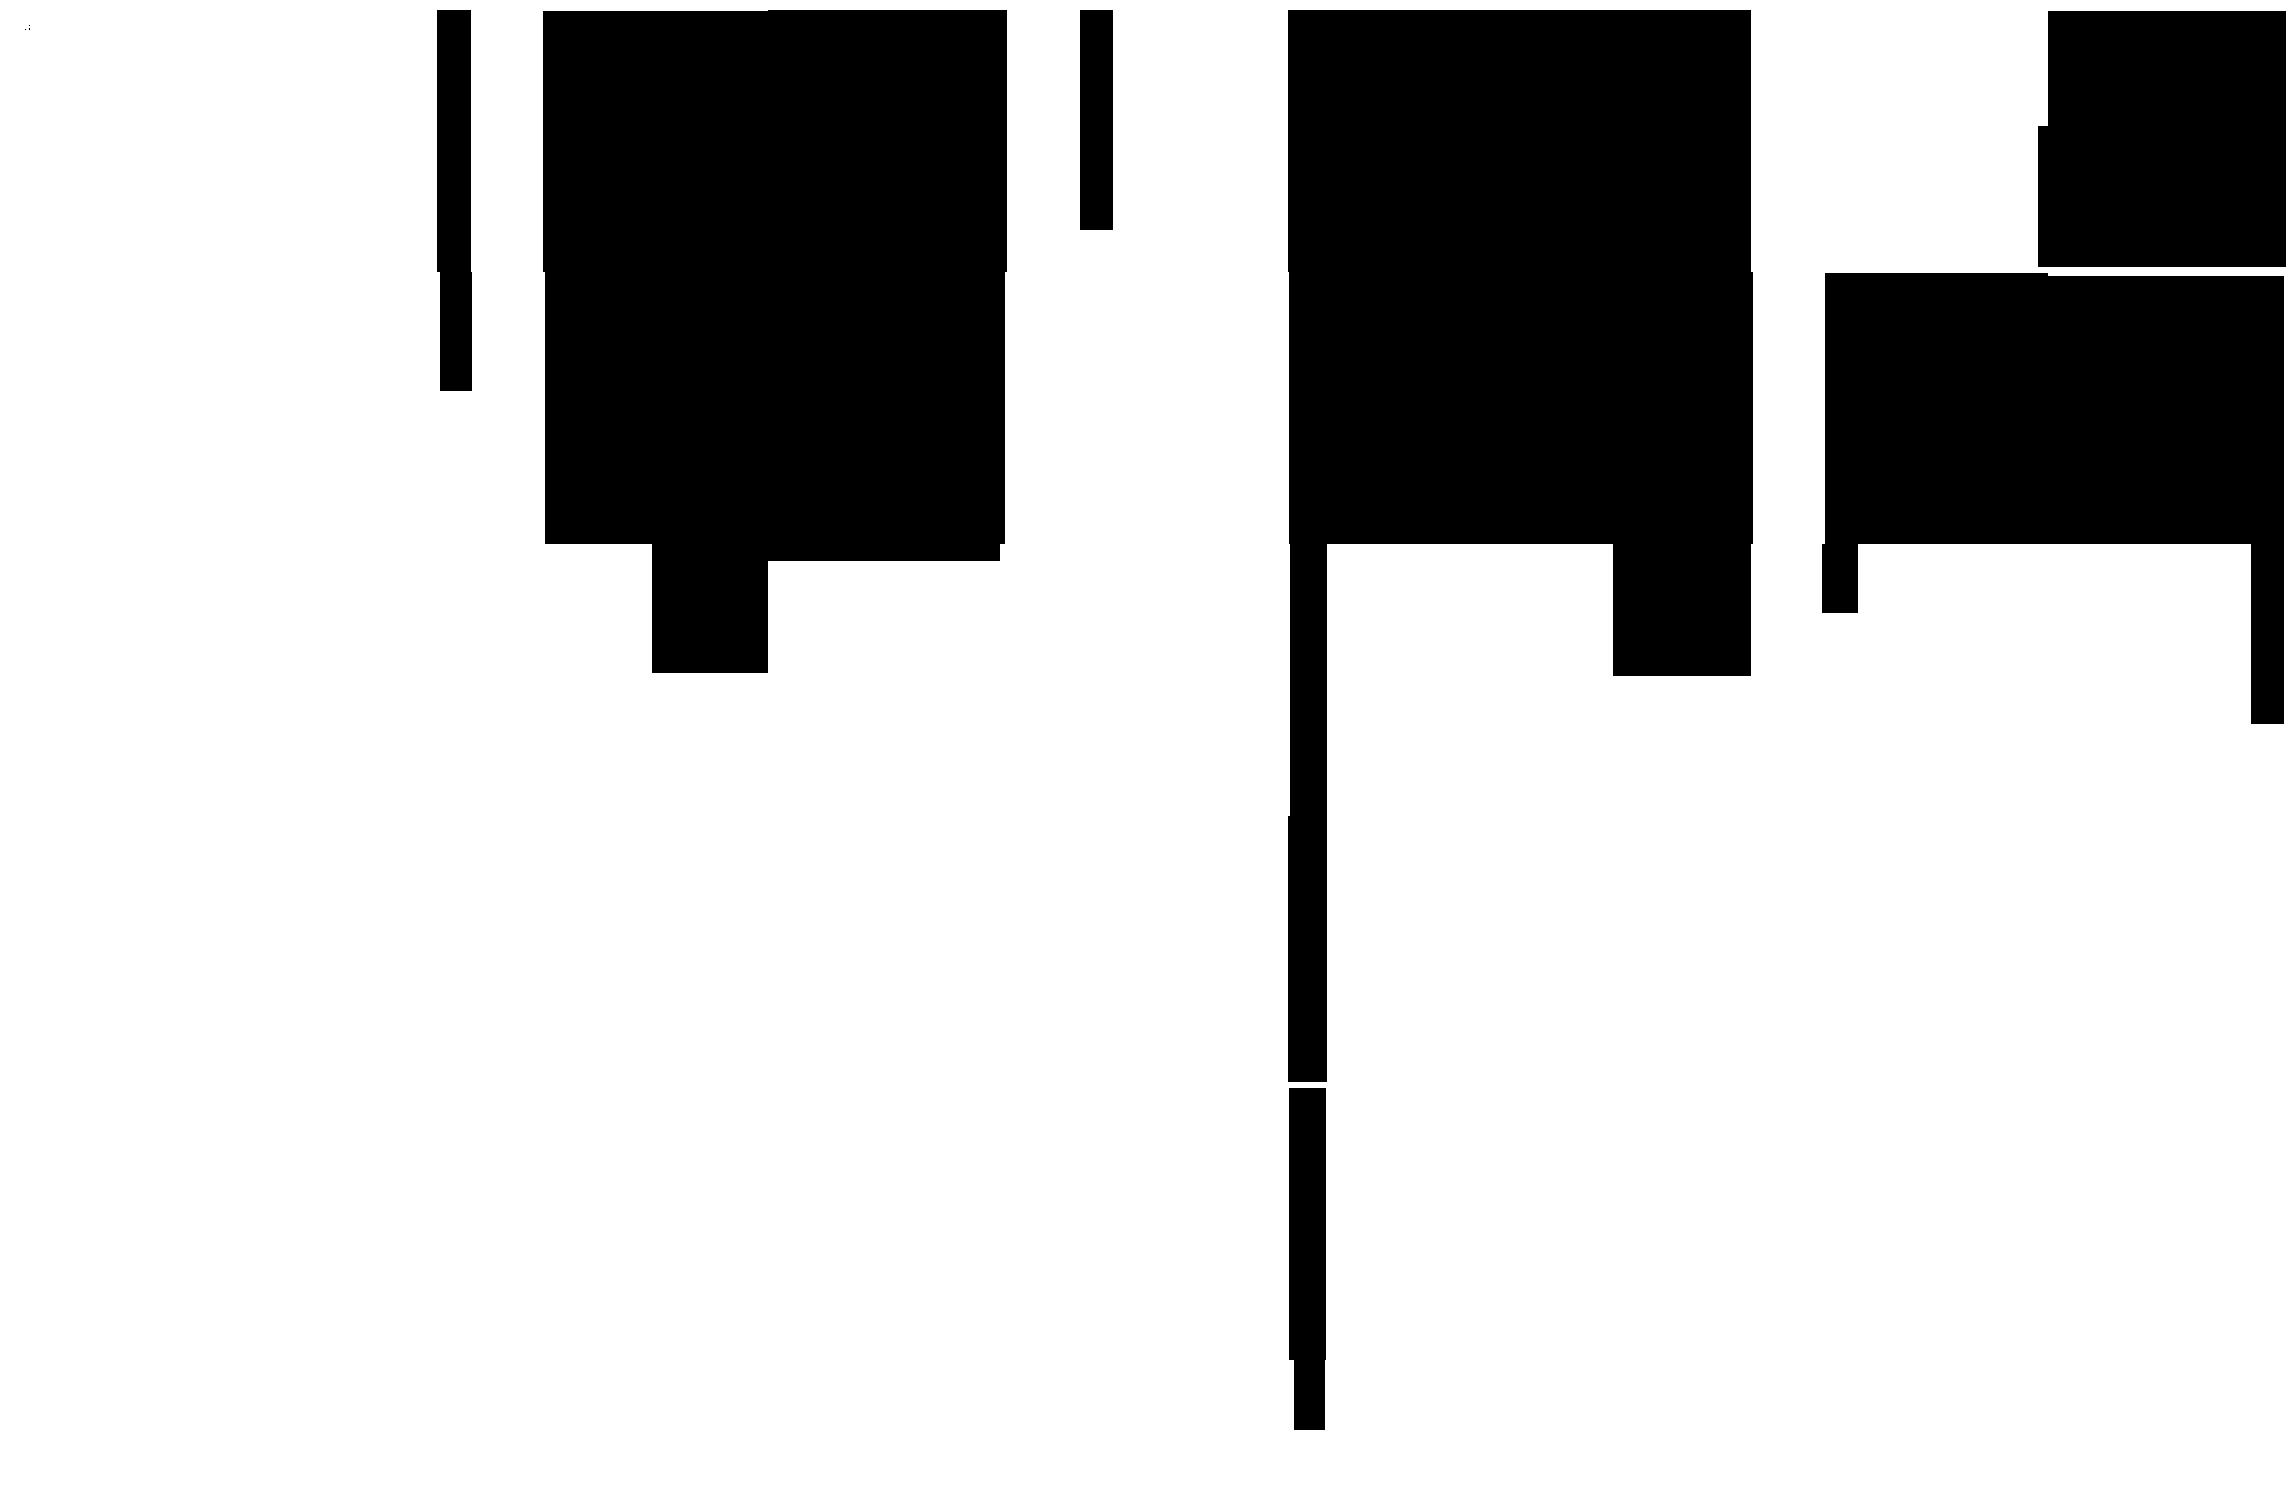 森本詩20140207-2